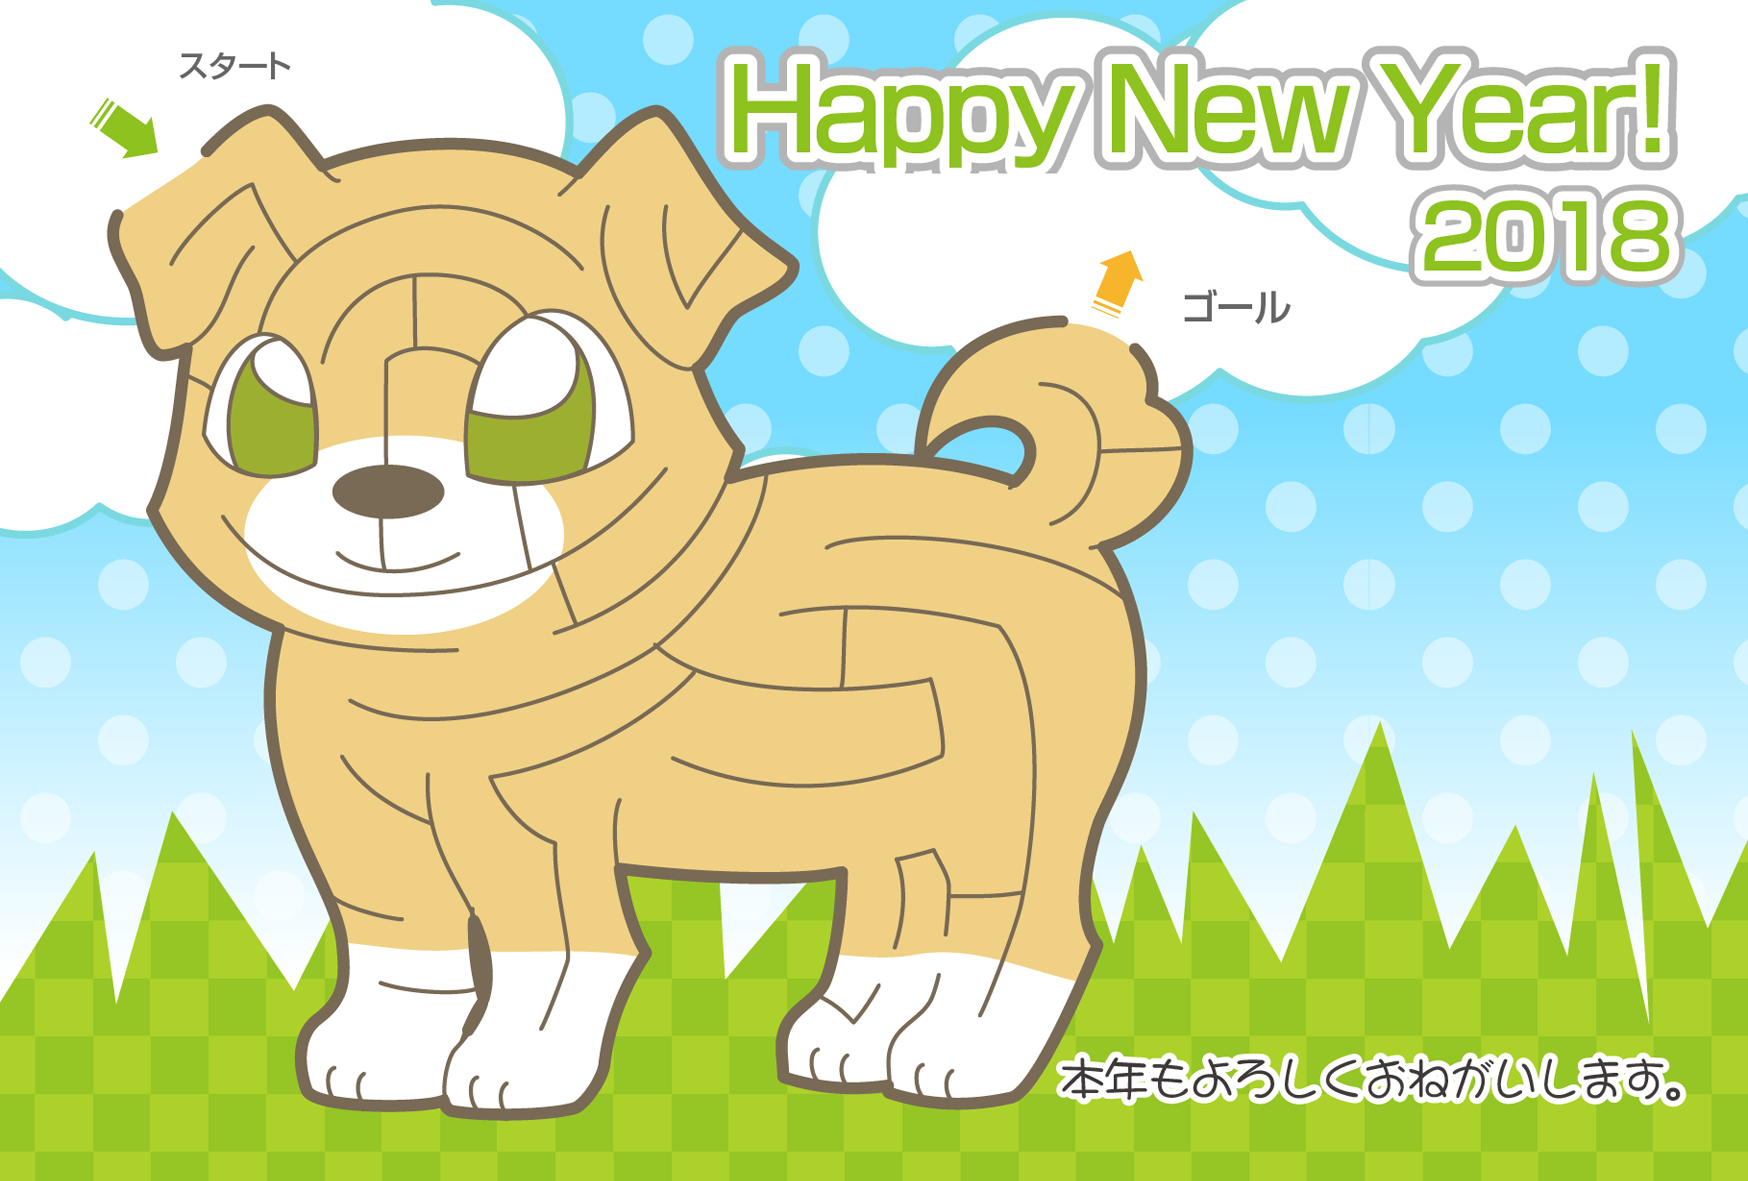 年戌(犬)年用年賀状イラスト ... : 干支羊のイラスト : イラスト